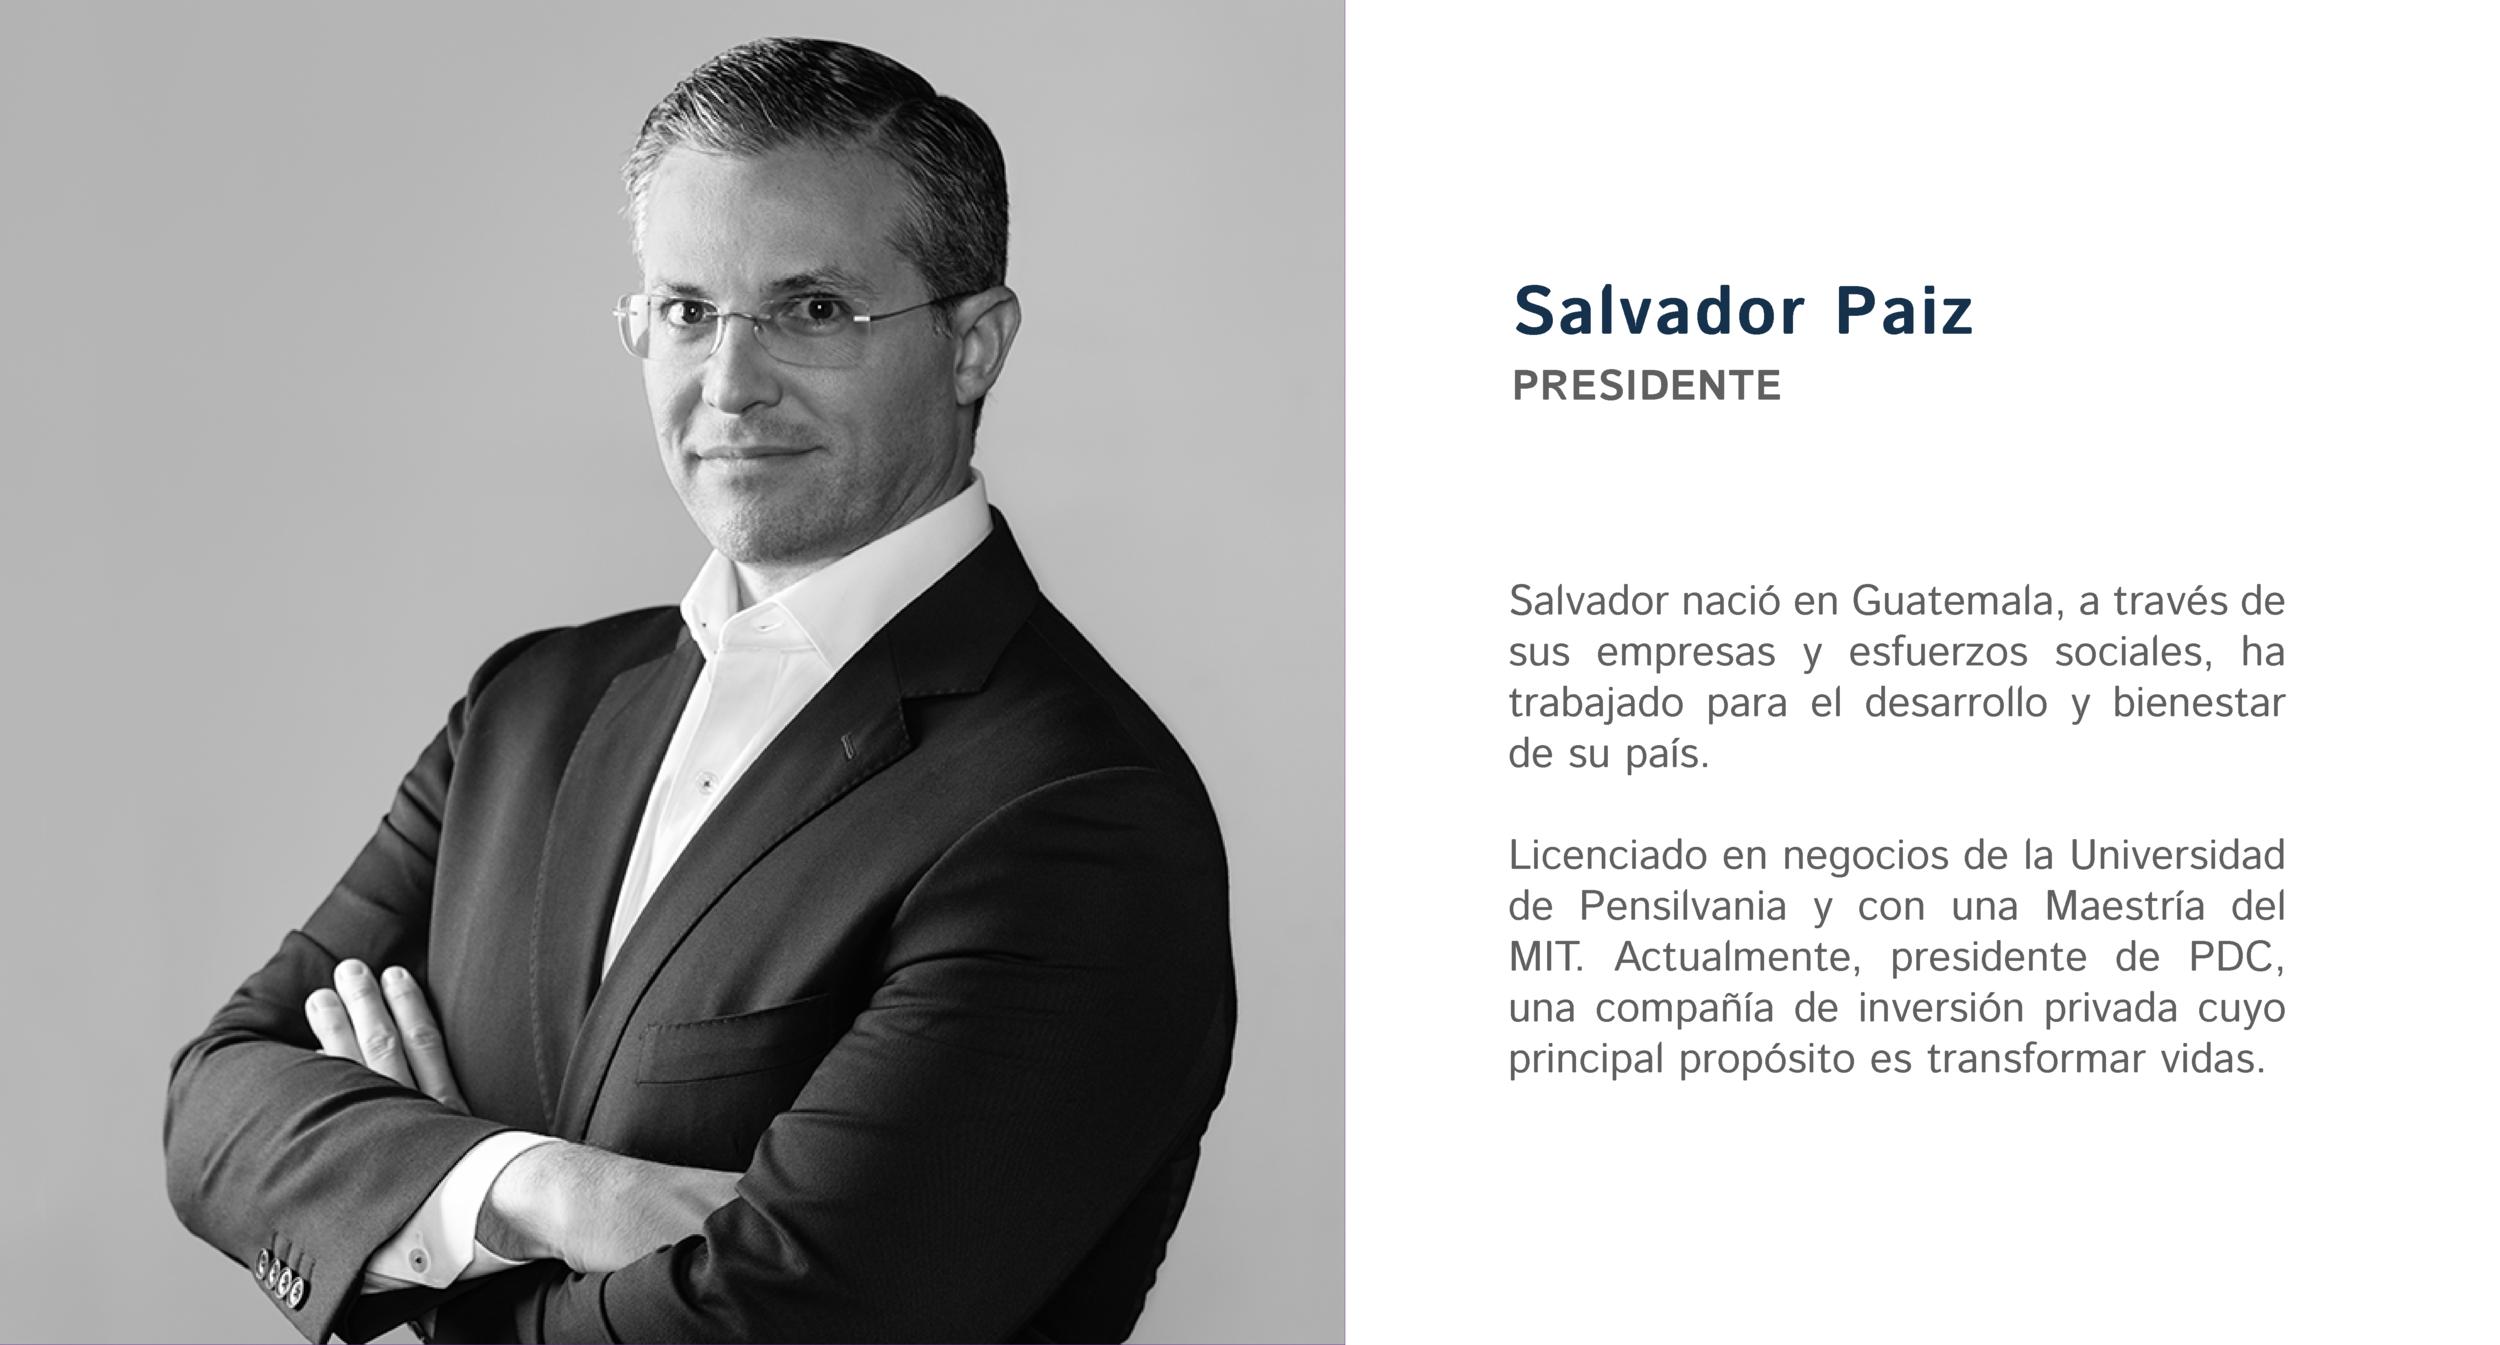 Salvador-01.png